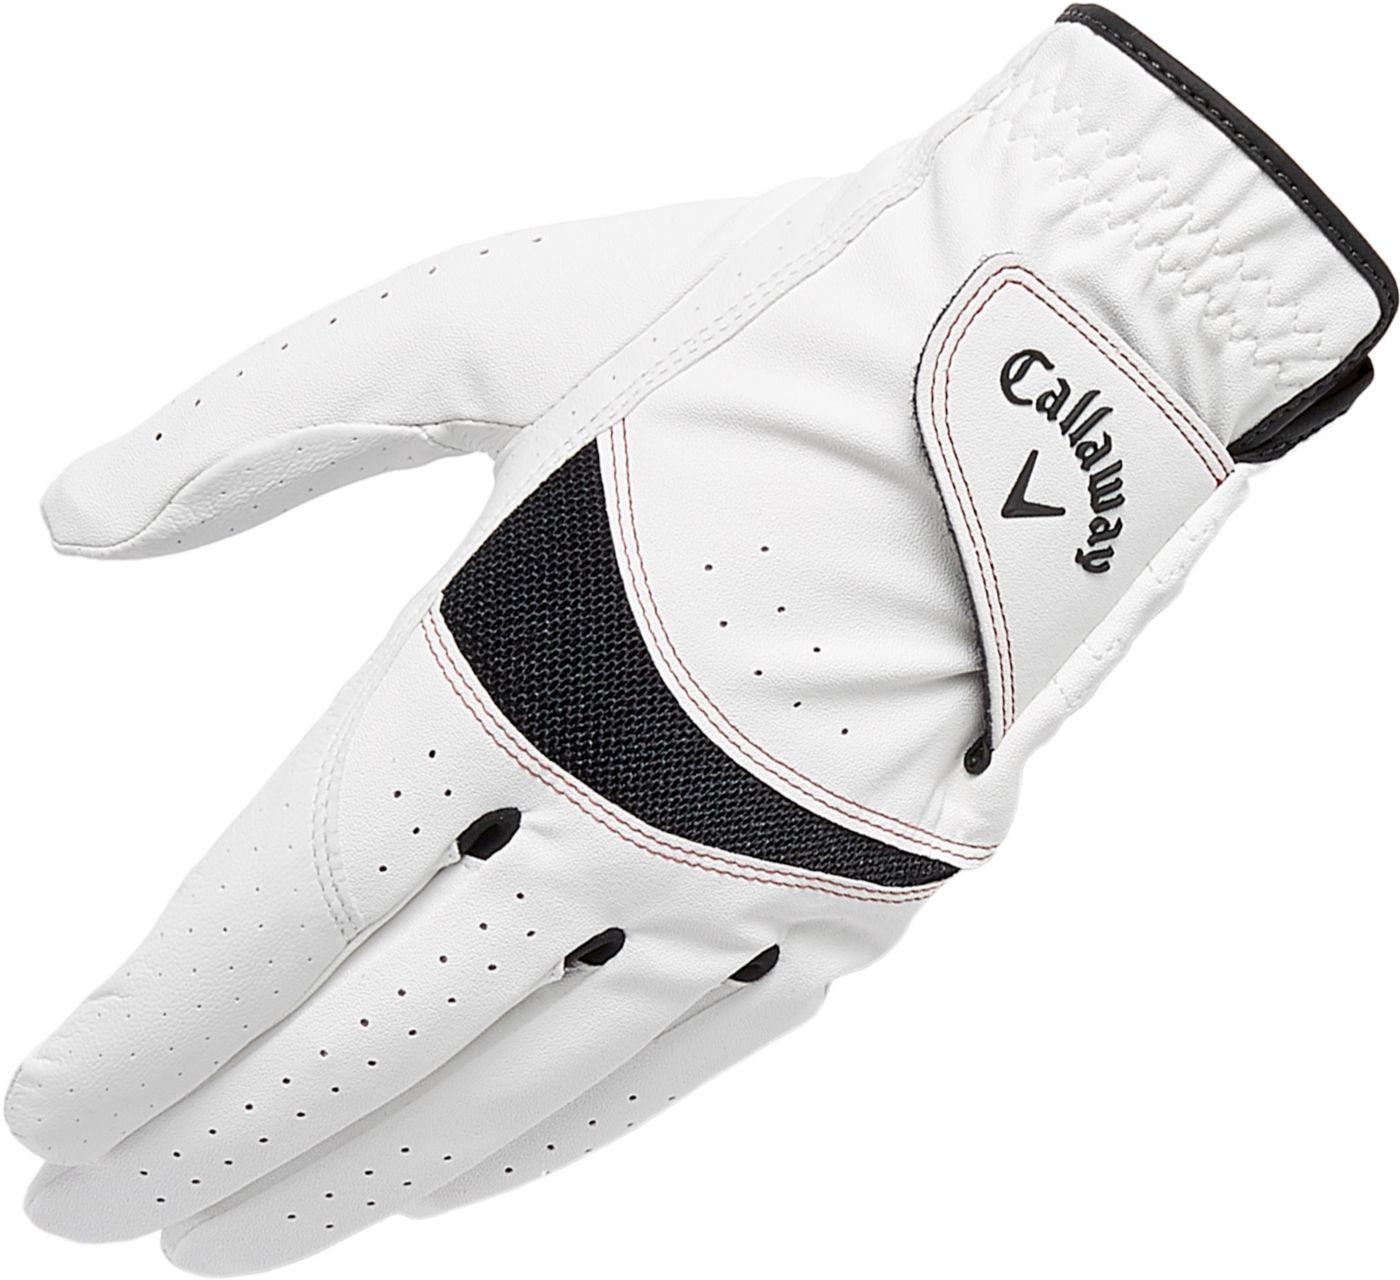 Callaway Men's 2019 X-Tech Golf Glove